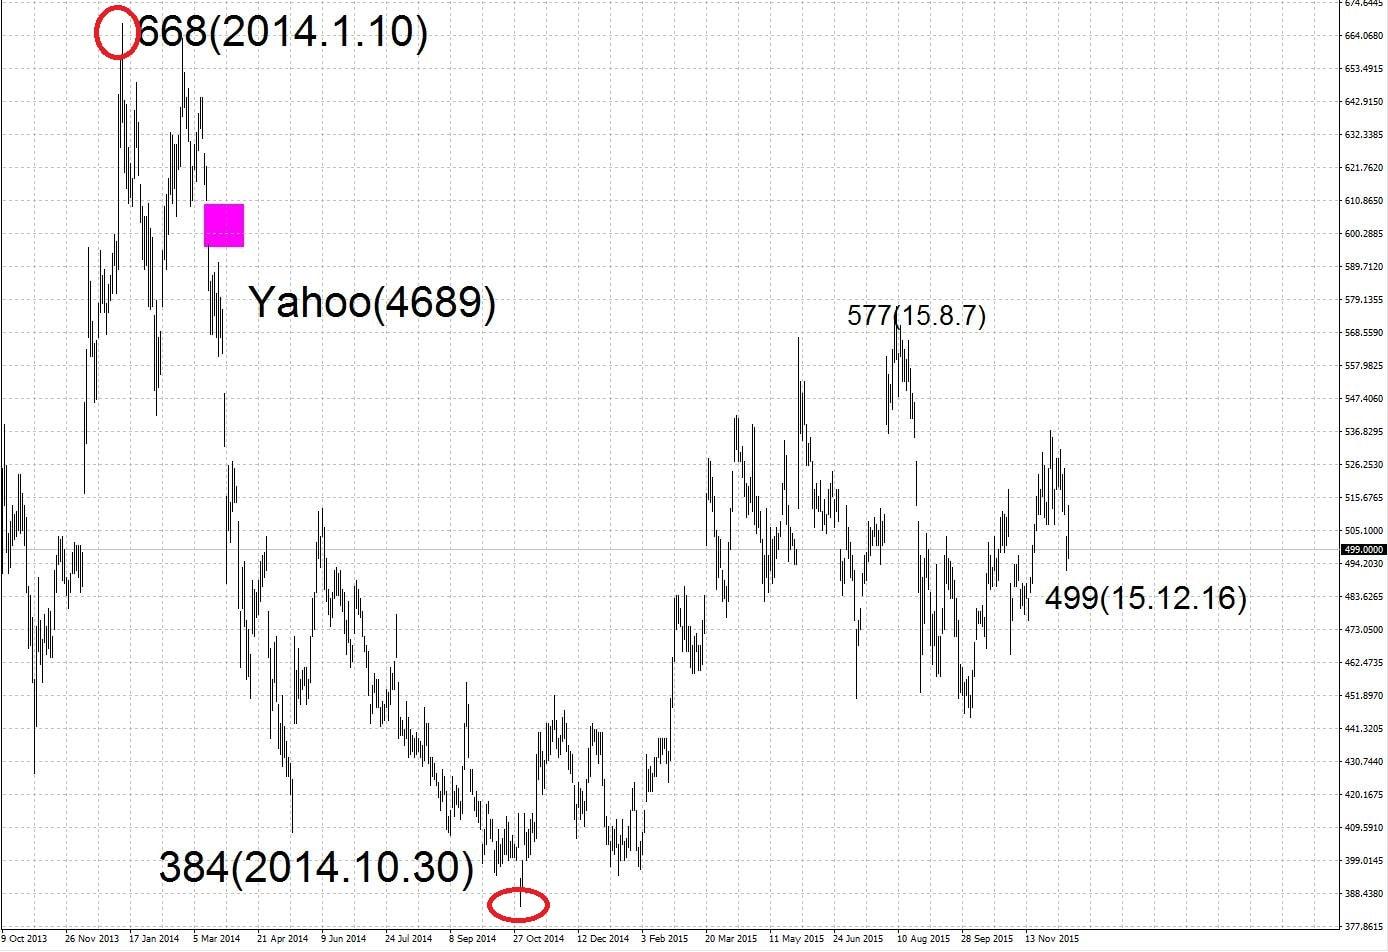 15.12.15ヤフー株価-高値と安値-min